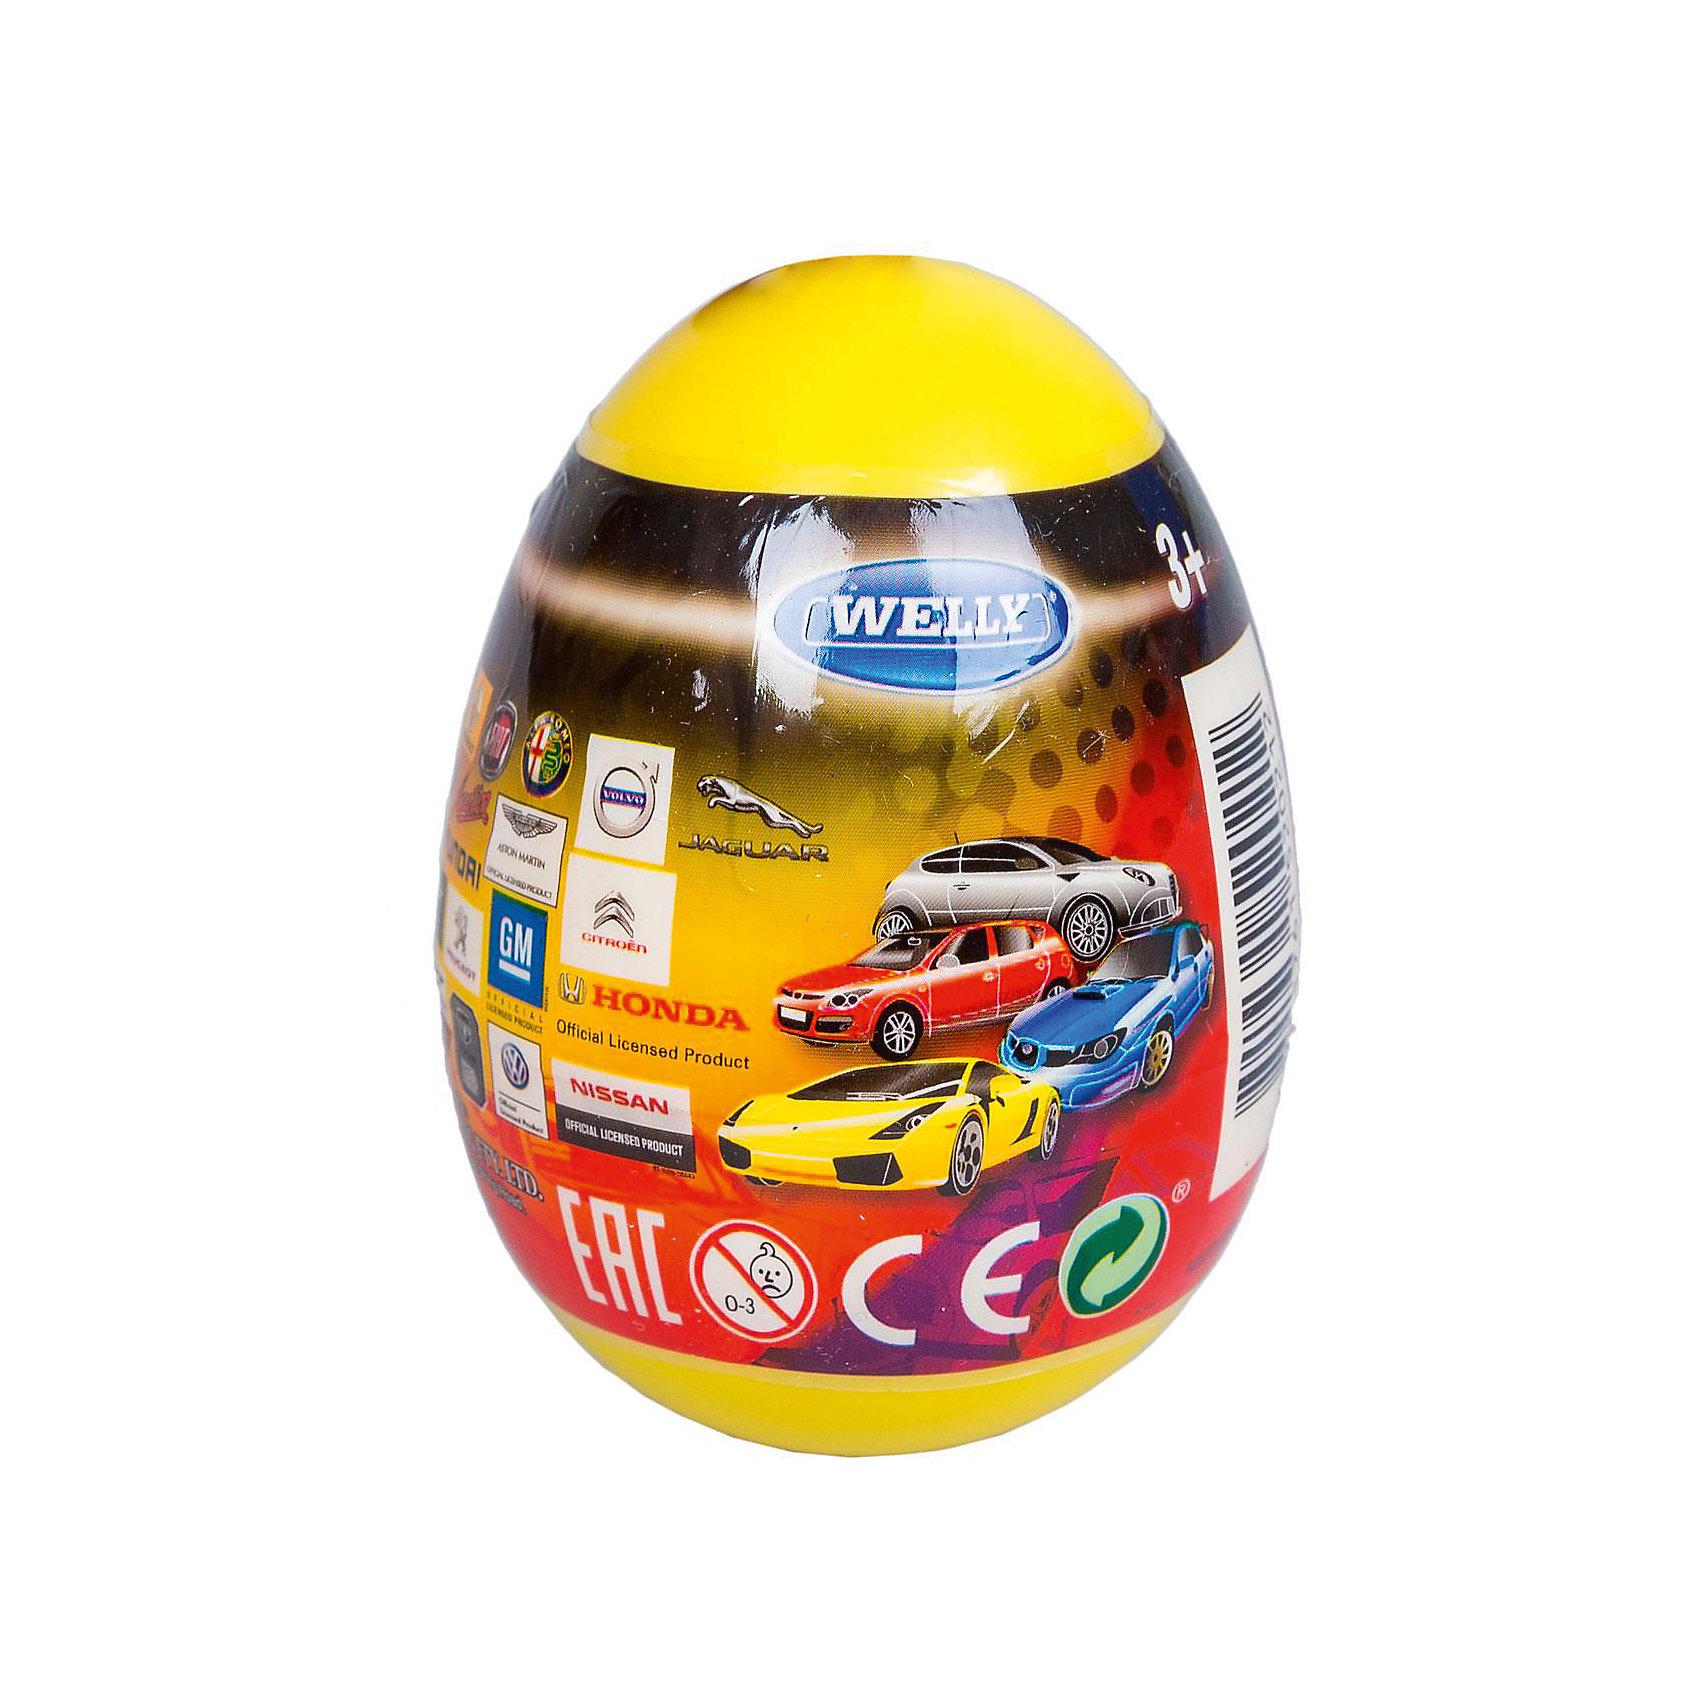 Модель машины 1:60 Яйцо-сюрприз, жёлтая, WellyХарактеристики товара:<br><br>- цвет: разноцветный;<br>- материал: пластик, металл;<br>- размер упаковки: 6х9х6 см;<br>- вес: 50 г;<br>- длина машинки: 8 см.. <br><br>Машинки от бренда Welly в закрытом яйце - отличный сюрприз для мальчика! Каждая машинка - копия настоящей, игрушка очень качественно выполнена, отлично детализирована, поэтому она станет желанным подарком для ребенка. Такое изделие отлично тренирует у ребенка разные навыки: играя с ней, малыш развивает мелкую моторику, цветовосприятие, внимание, воображение и творческое мышление.<br>Продается машинка в закрытом яйце - узнать, какая именно внутри, нельзя. Из этих фигурок можно собрать целую коллекцию! Изделие произведено из высококачественного материала, безопасного для детей.<br><br>Модель машины 1:60 Яйцо-сюрприз, желтую, от бренда Welly можно купить в нашем интернет-магазине.<br><br>Ширина мм: 60<br>Глубина мм: 90<br>Высота мм: 60<br>Вес г: 82<br>Возраст от месяцев: 36<br>Возраст до месяцев: 2147483647<br>Пол: Мужской<br>Возраст: Детский<br>SKU: 5109446